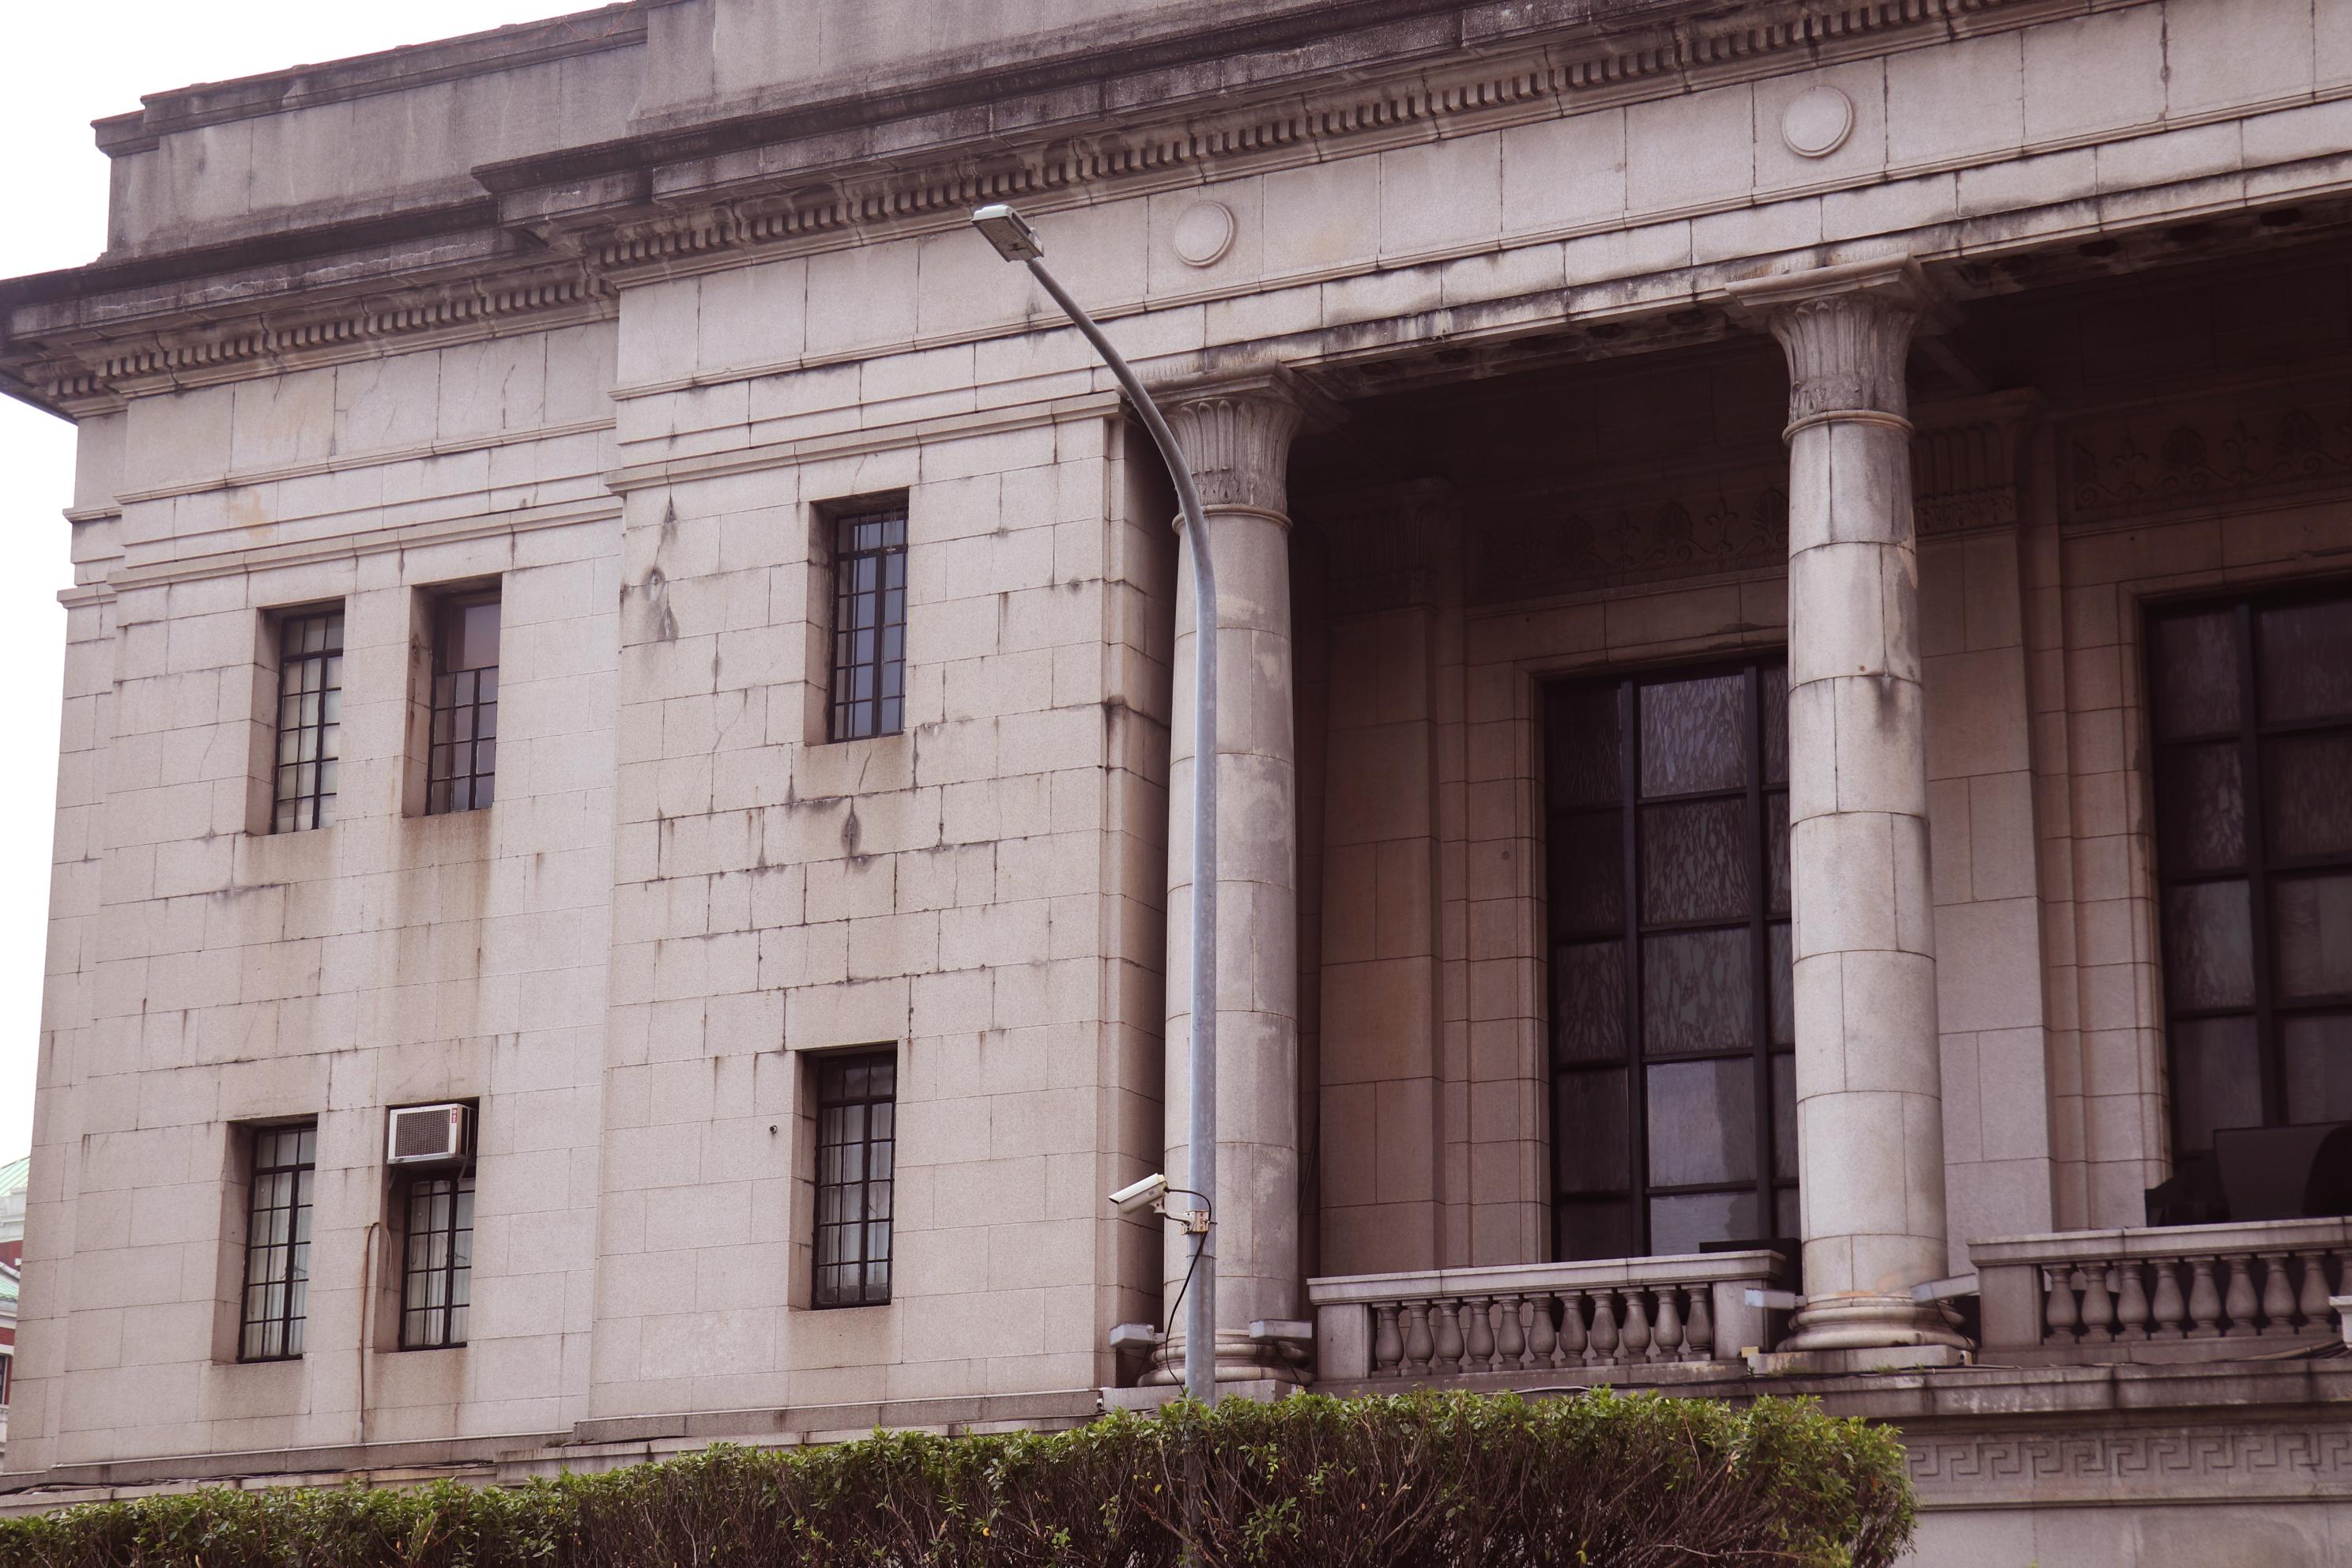 建築正面的柱子與兩側外牆